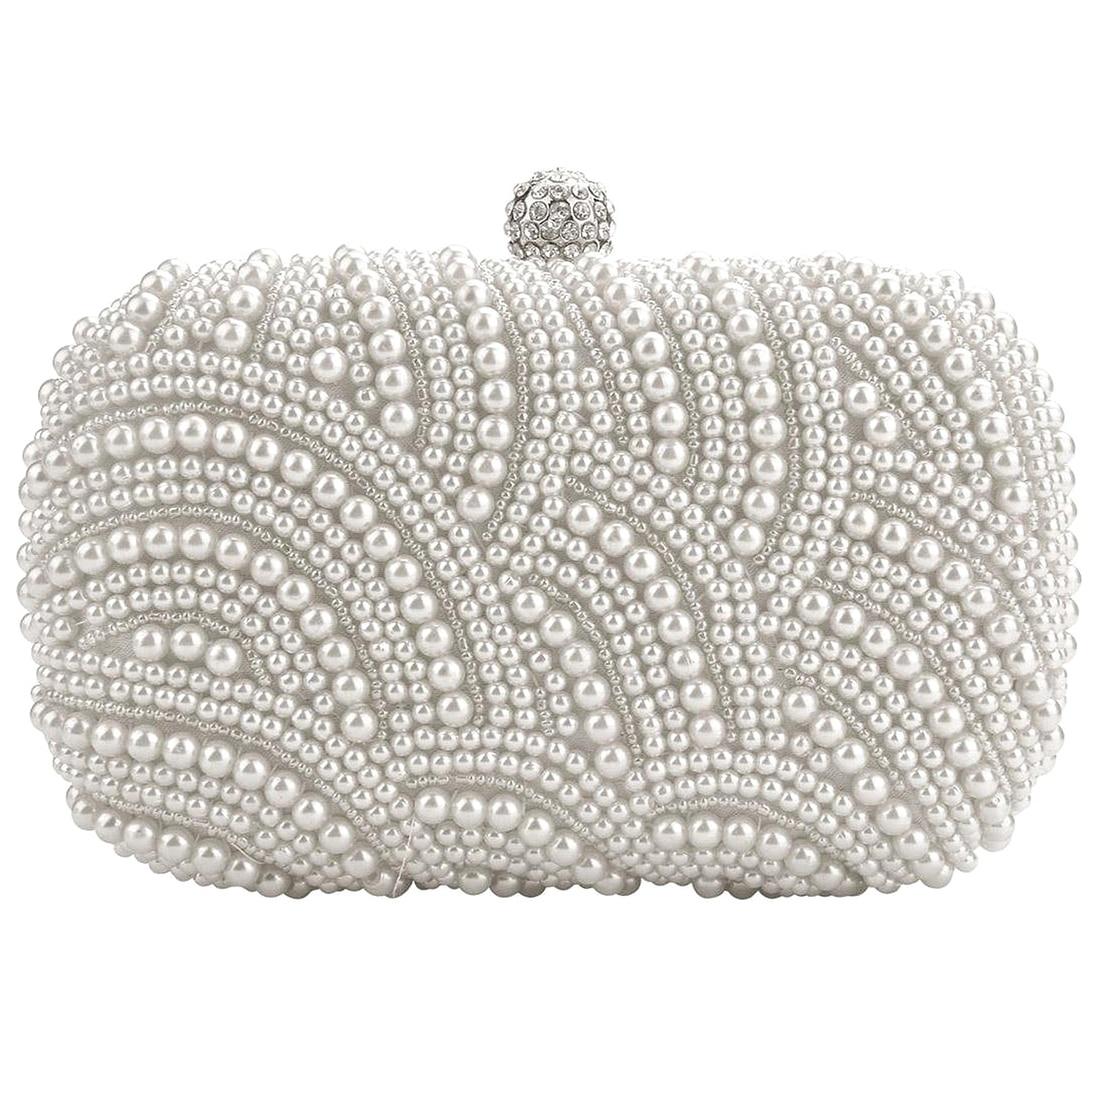 Fashion Clutch Bag Beaded Party Bridal Handbag Wedding Evening Purse<br><br>Aliexpress